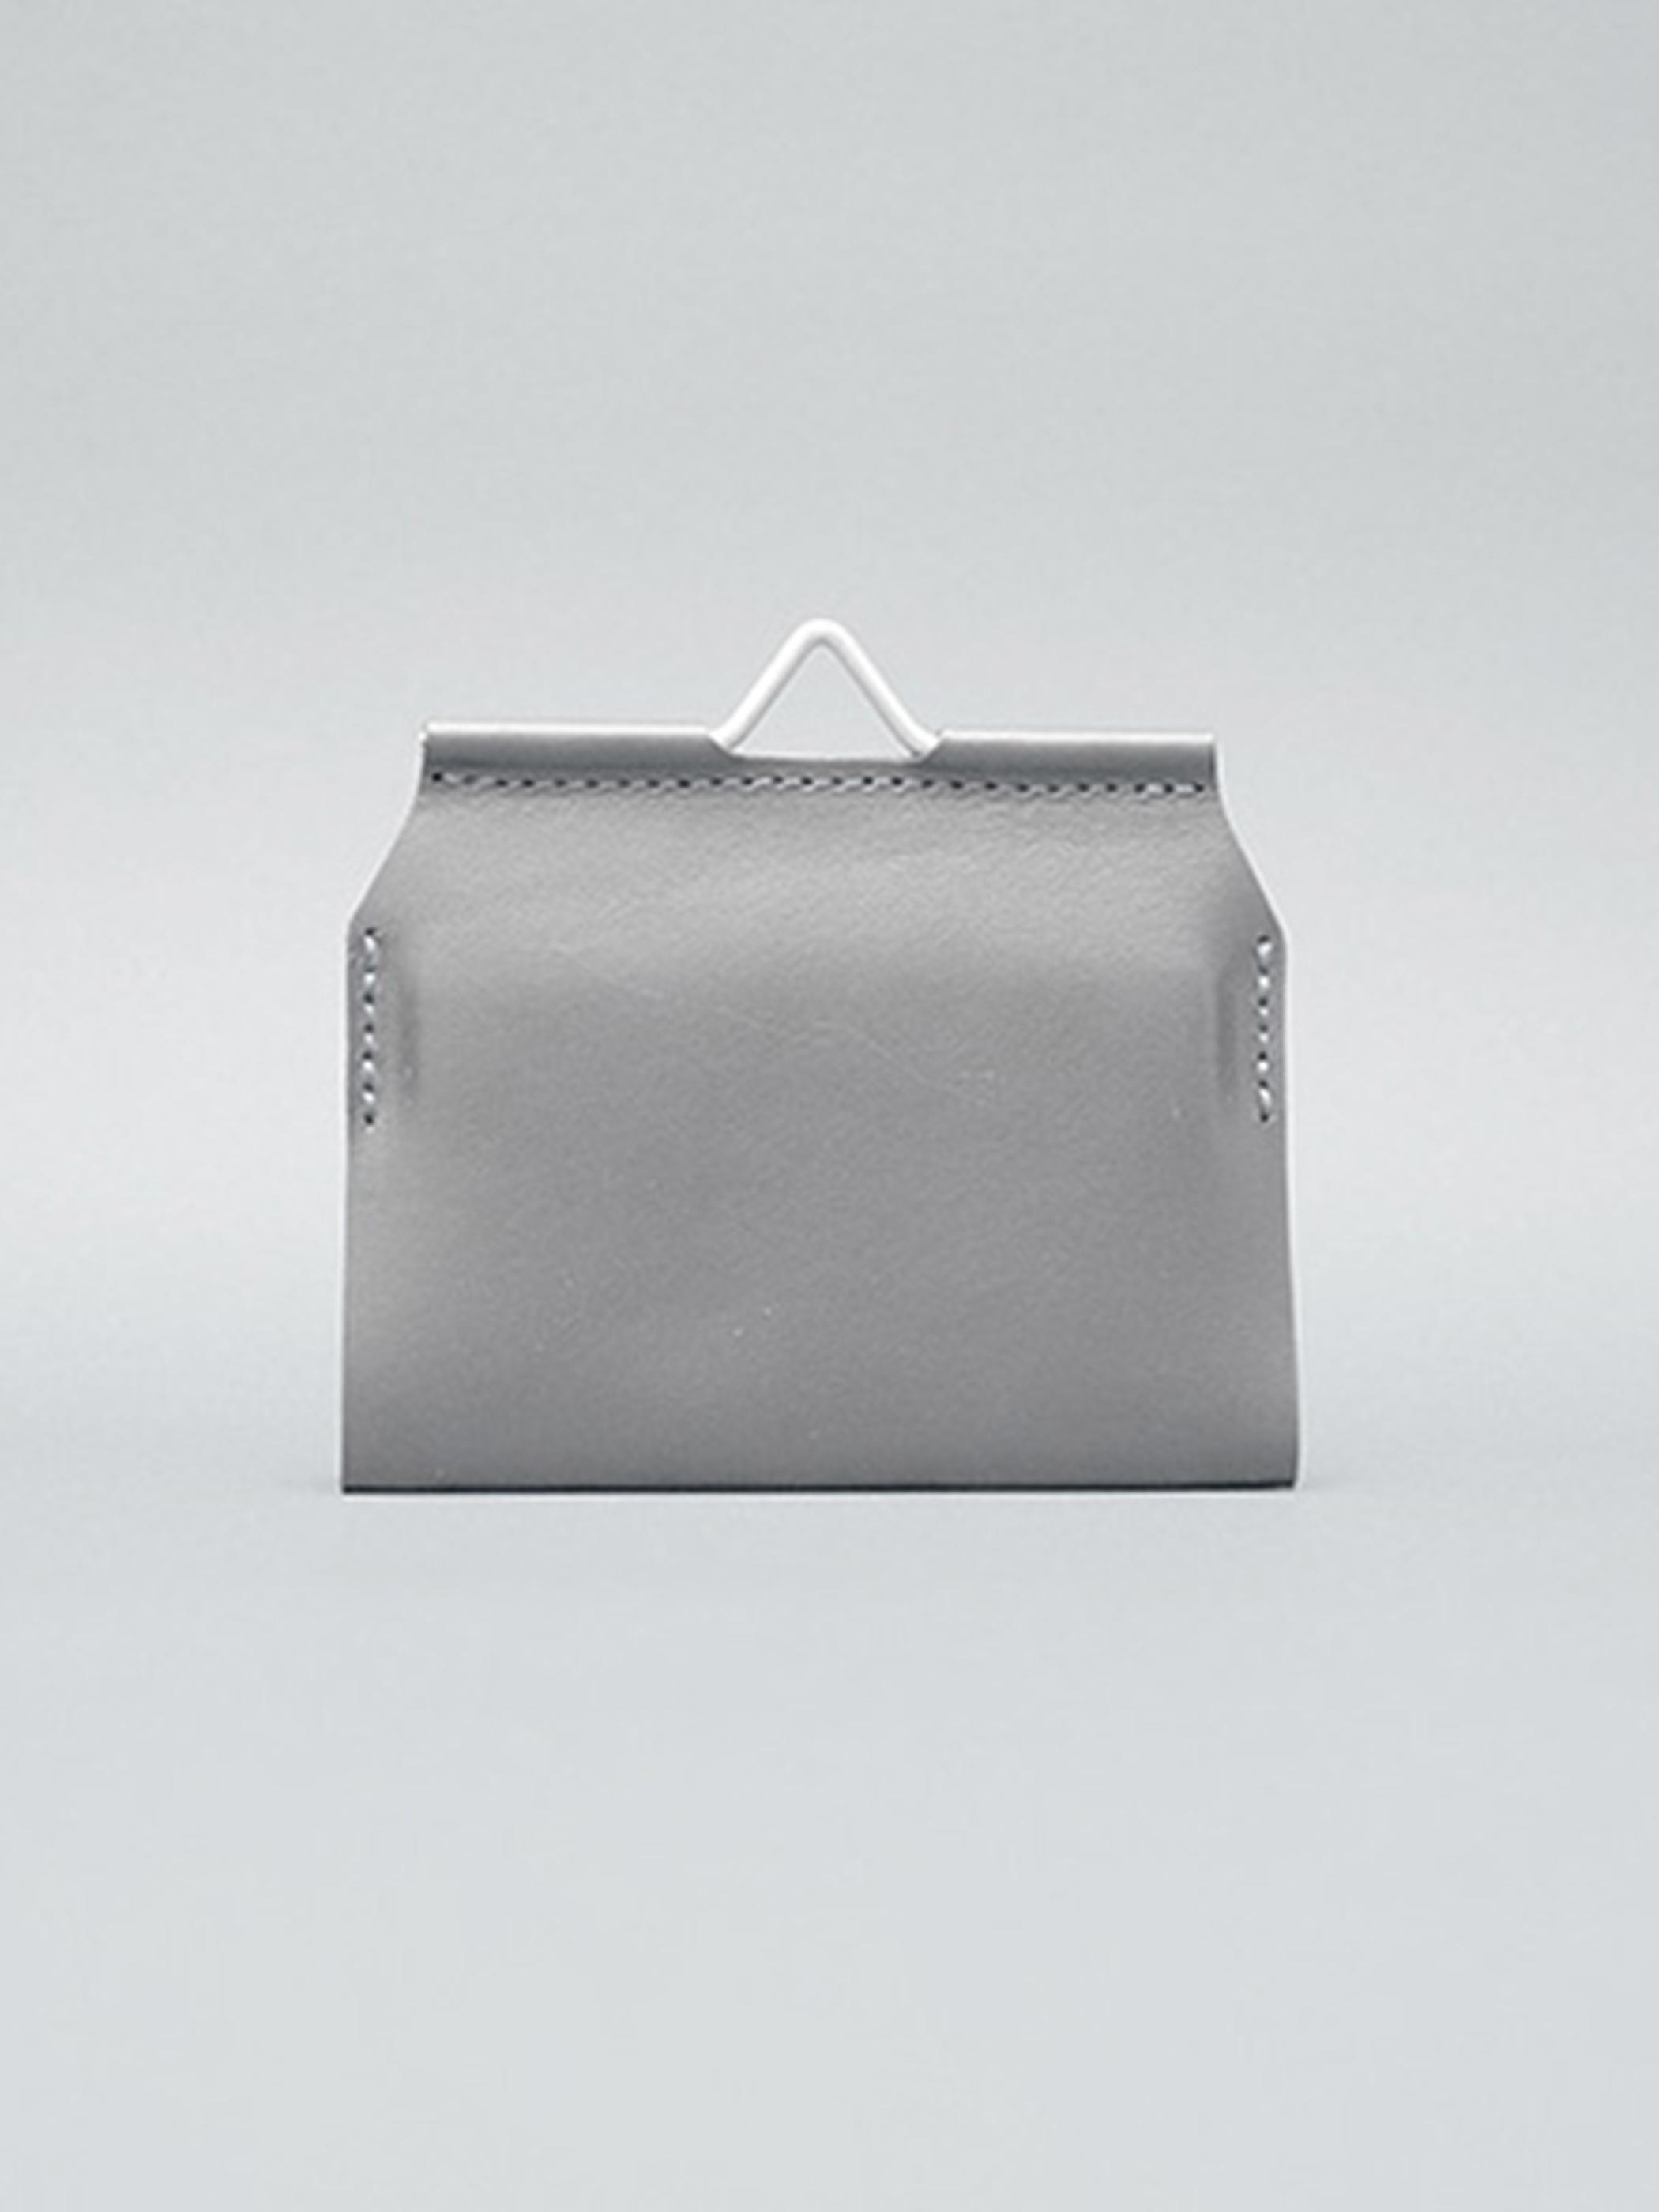 JINMON / LOOP cardcase (革小物)